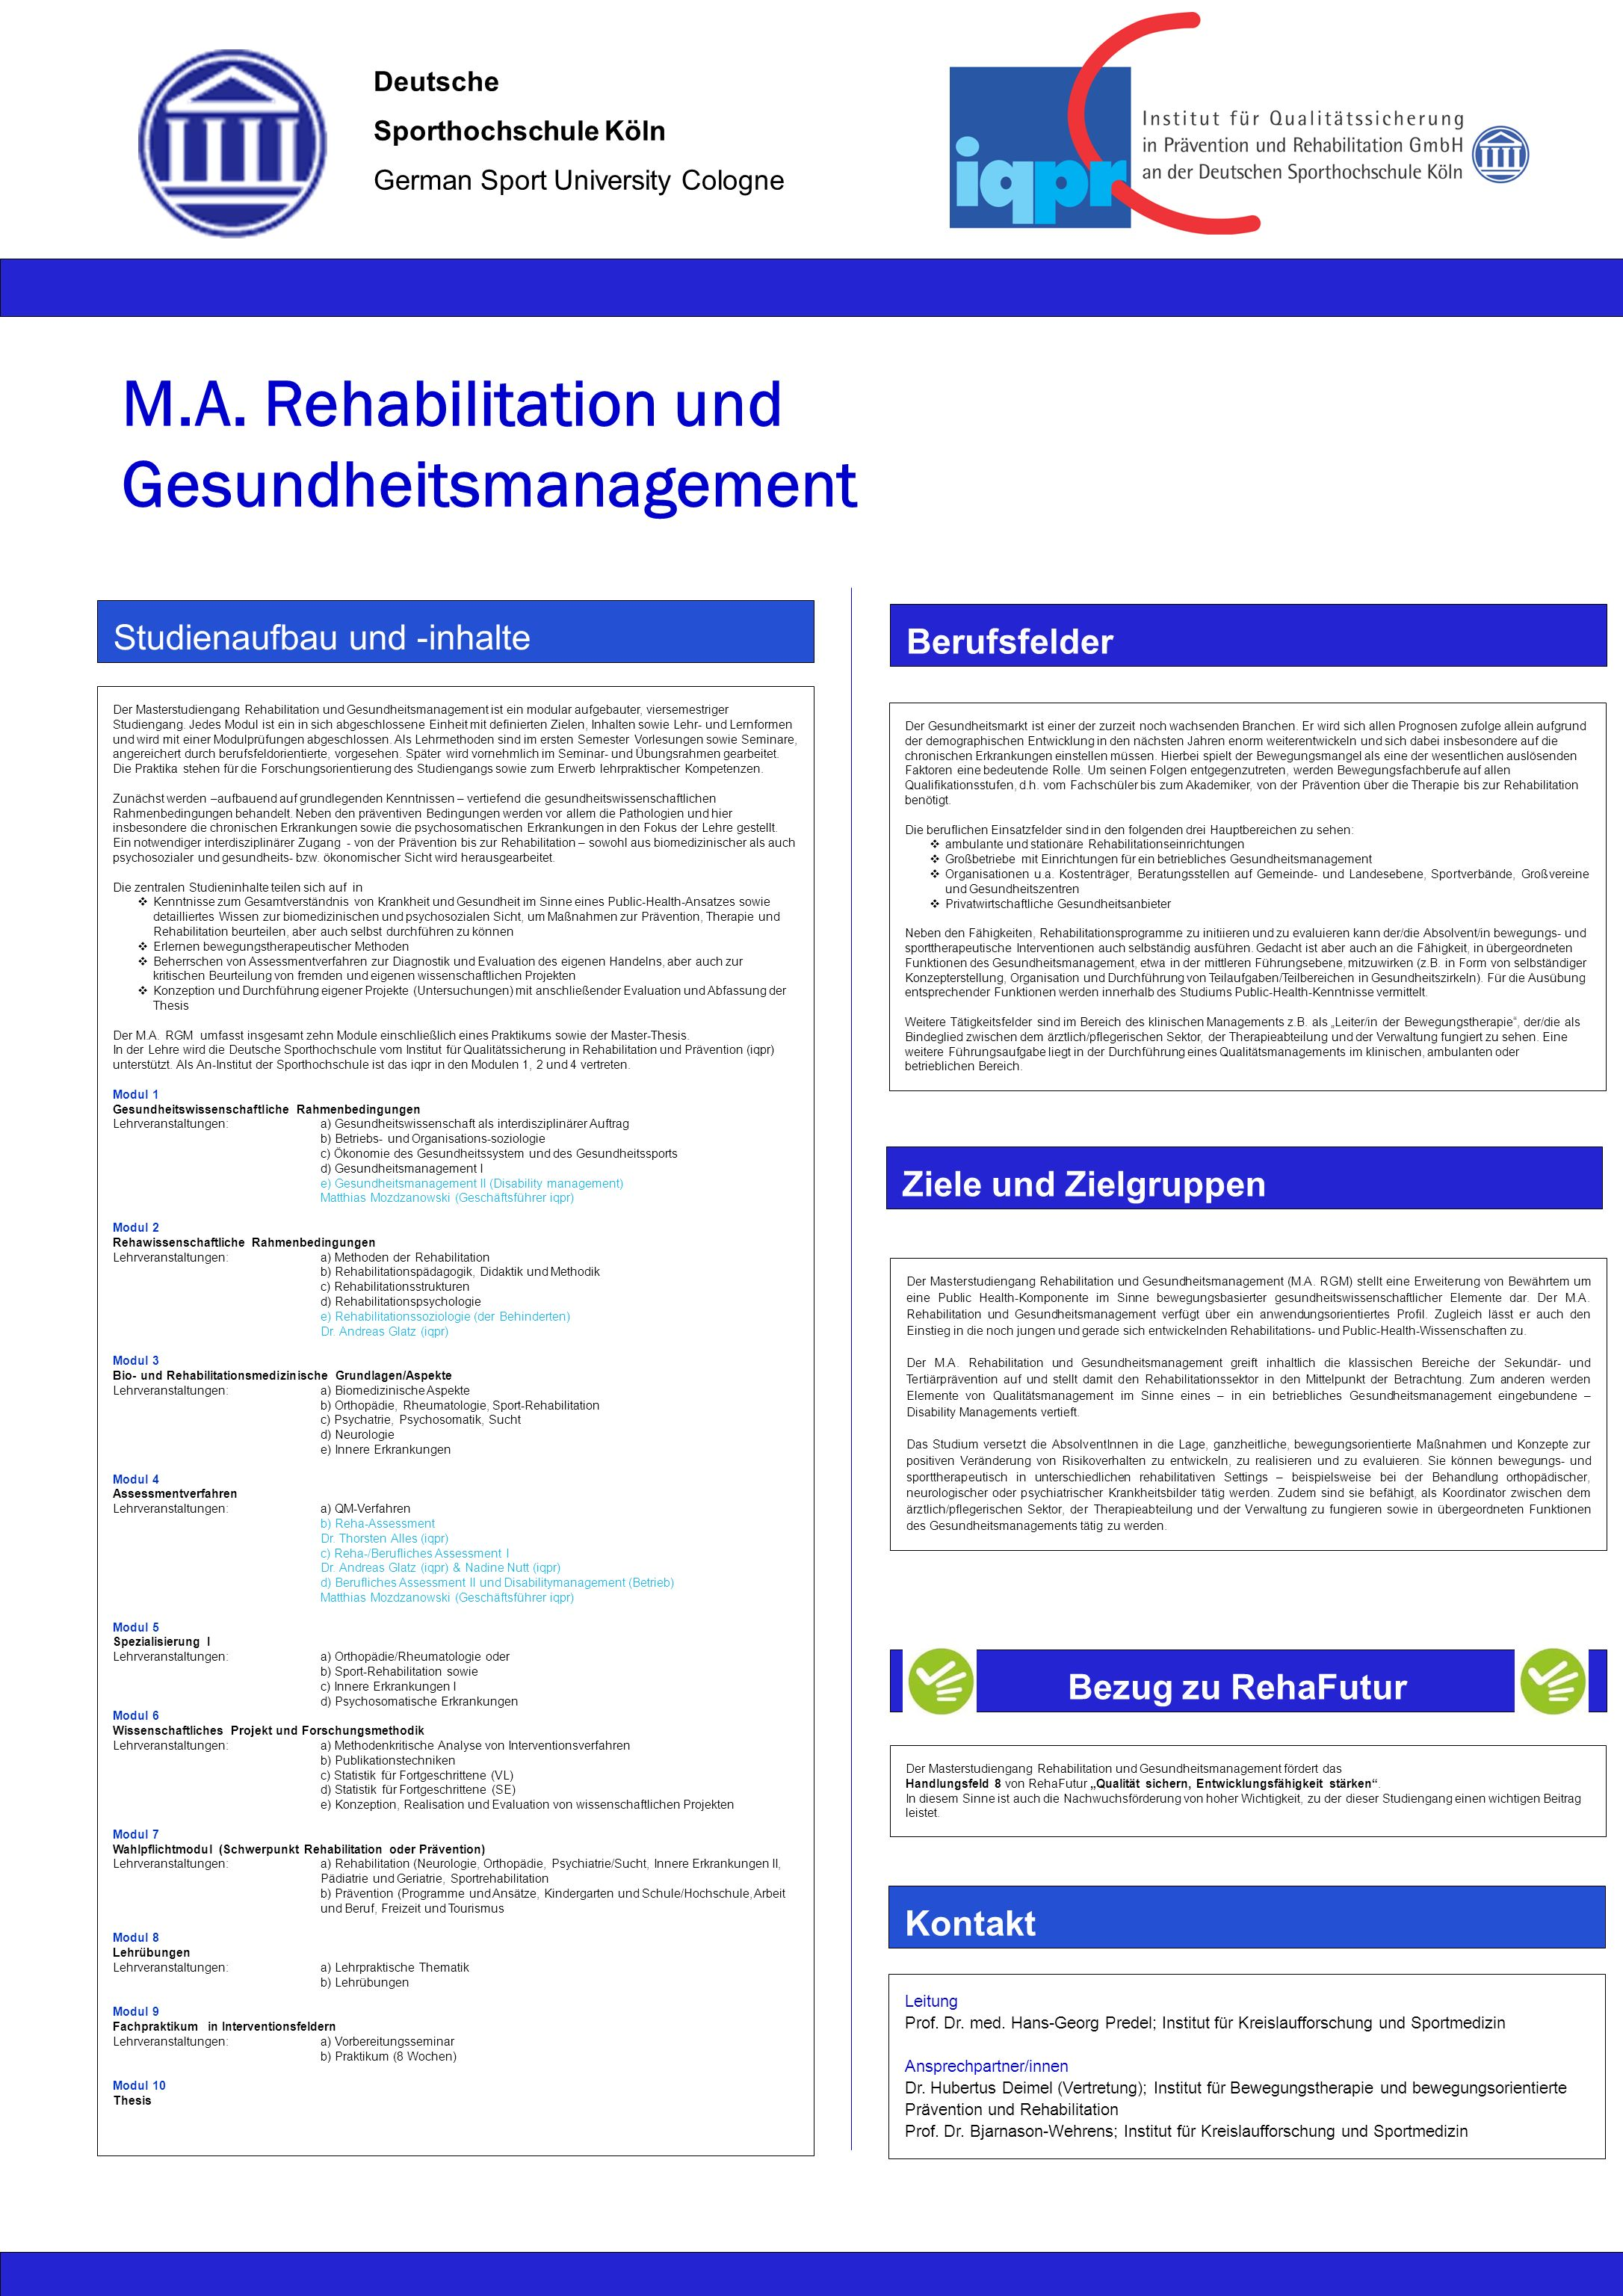 M.A. Rehabilitation und Gesundheitsmanagement